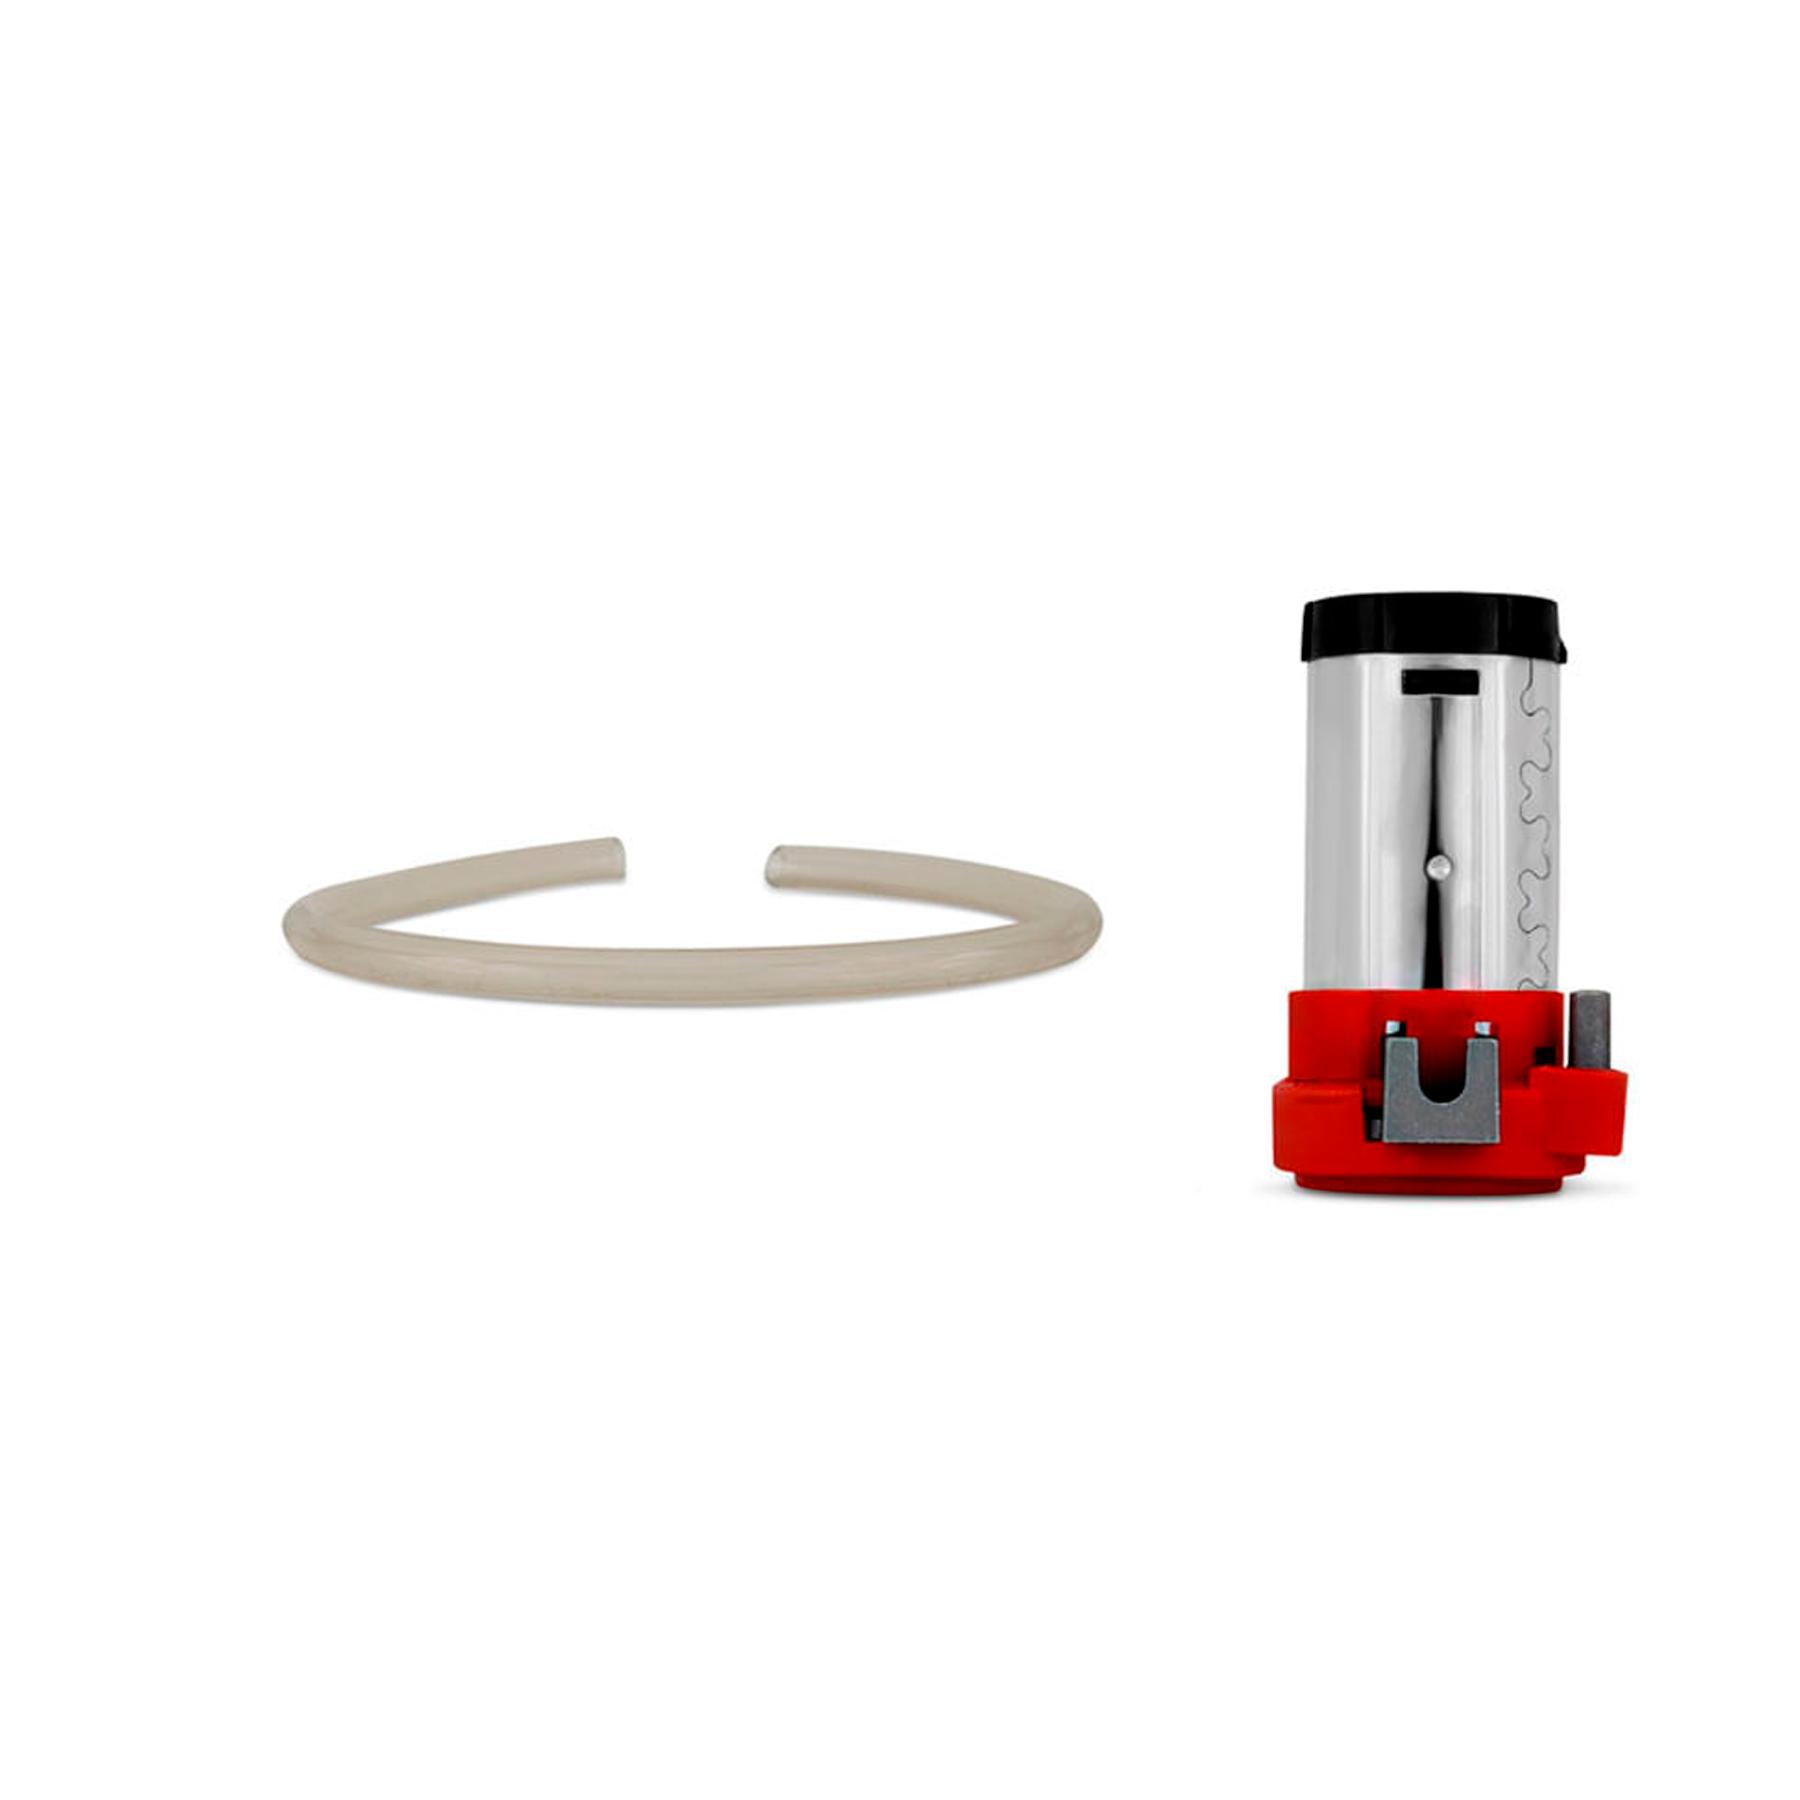 Buzina 12v Vetor Vt301p C/ Compressor A Ar + Cornetão Preta